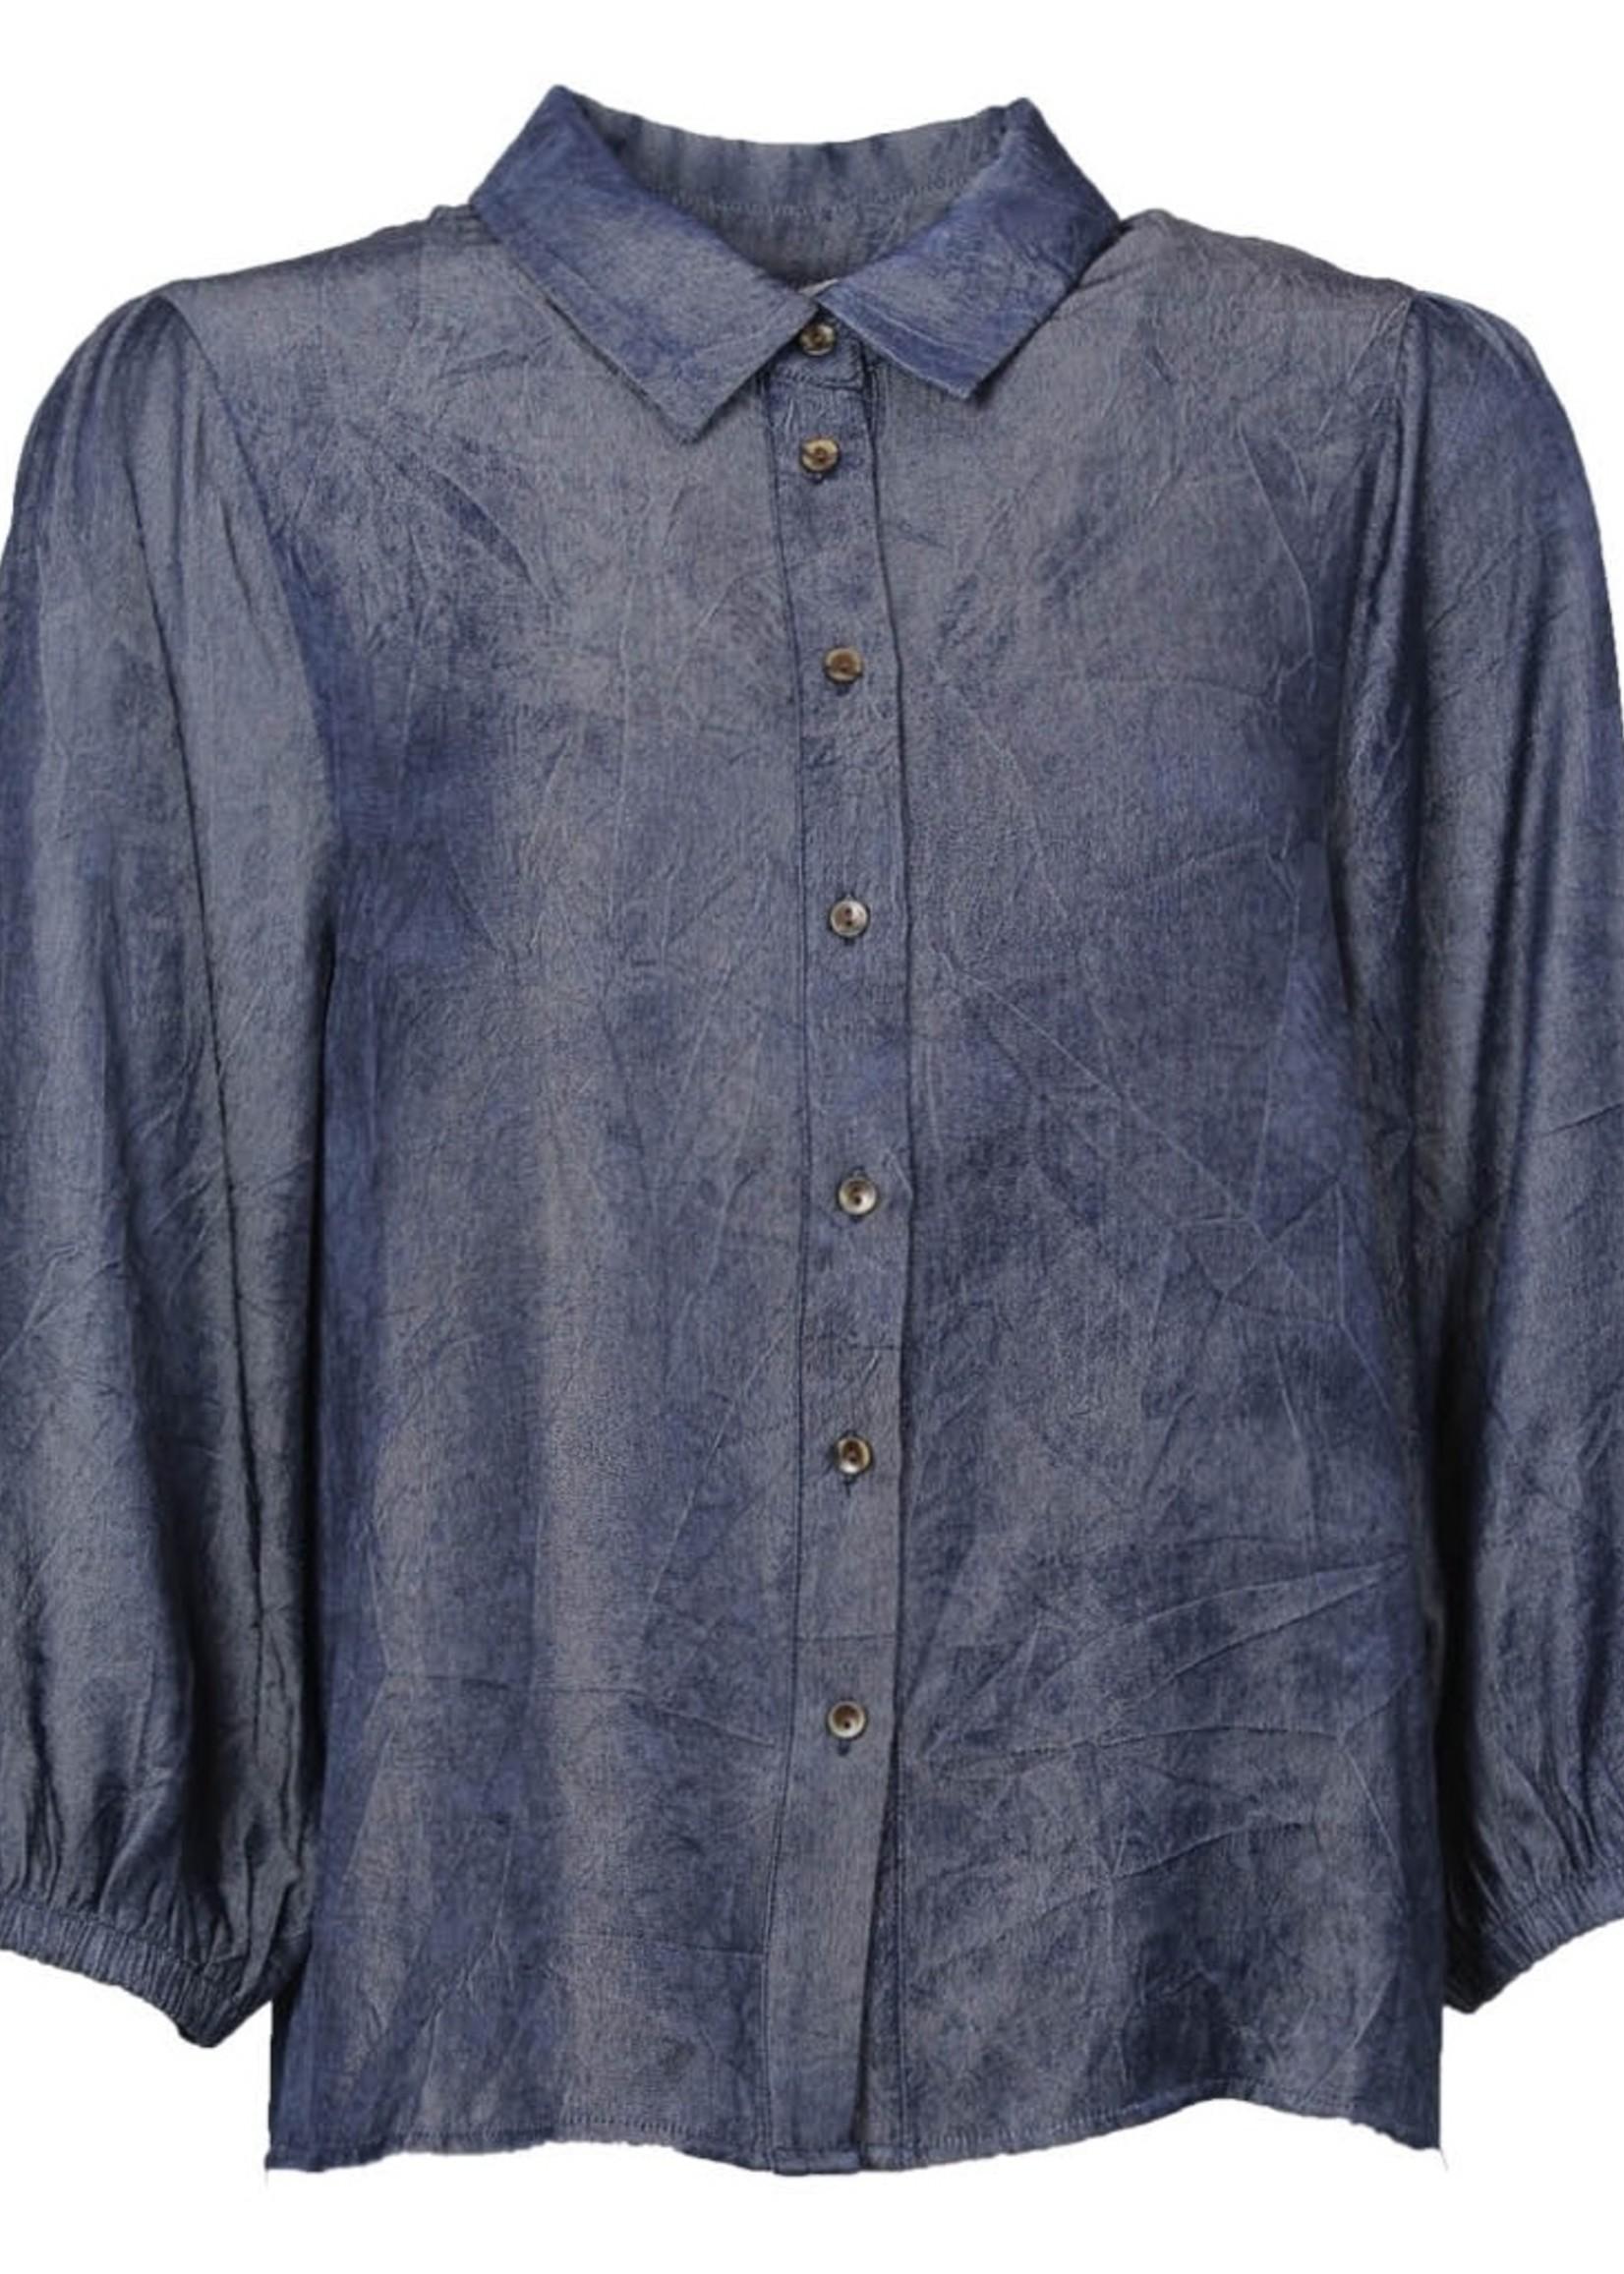 I Say Lala chambre shirt j63 dark Chambre